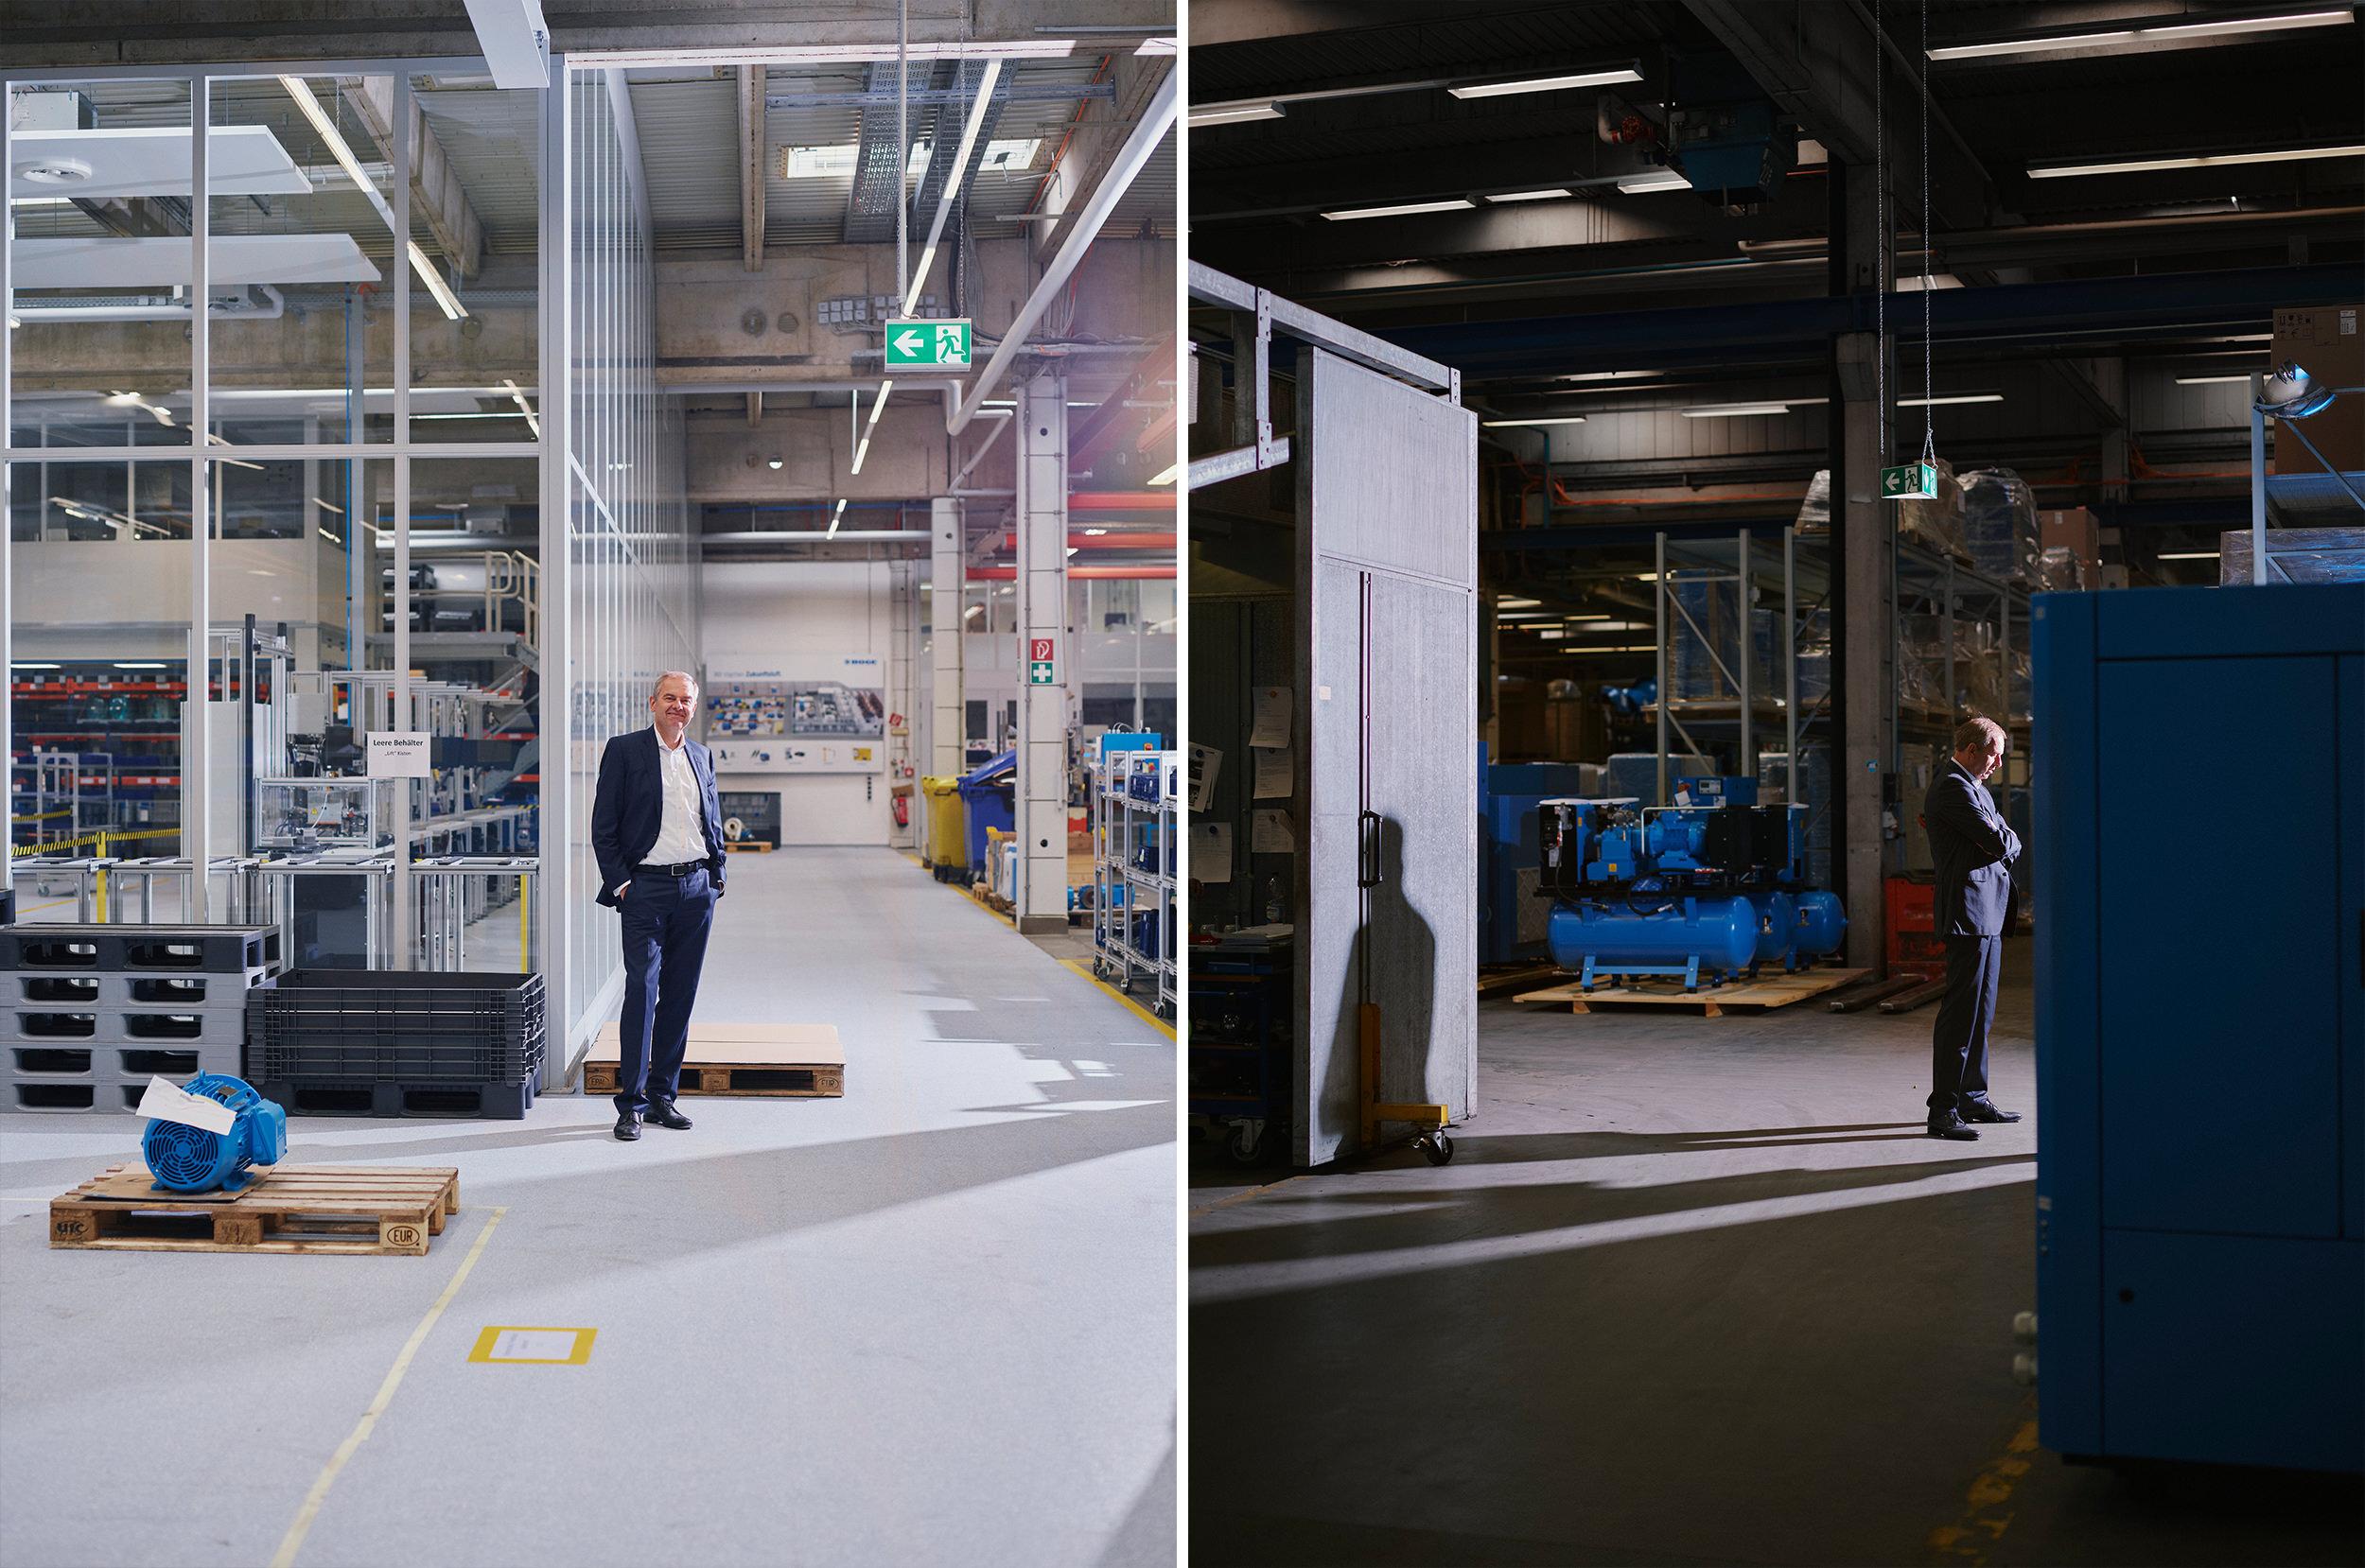 Wolf D. Meier-Scheuven   Urenkel von Otto Boge, leitet das Unternehmen in 4. Generation  BOGE, Bielefeld 2019 für CAPITAL I Patrick Pollmeier